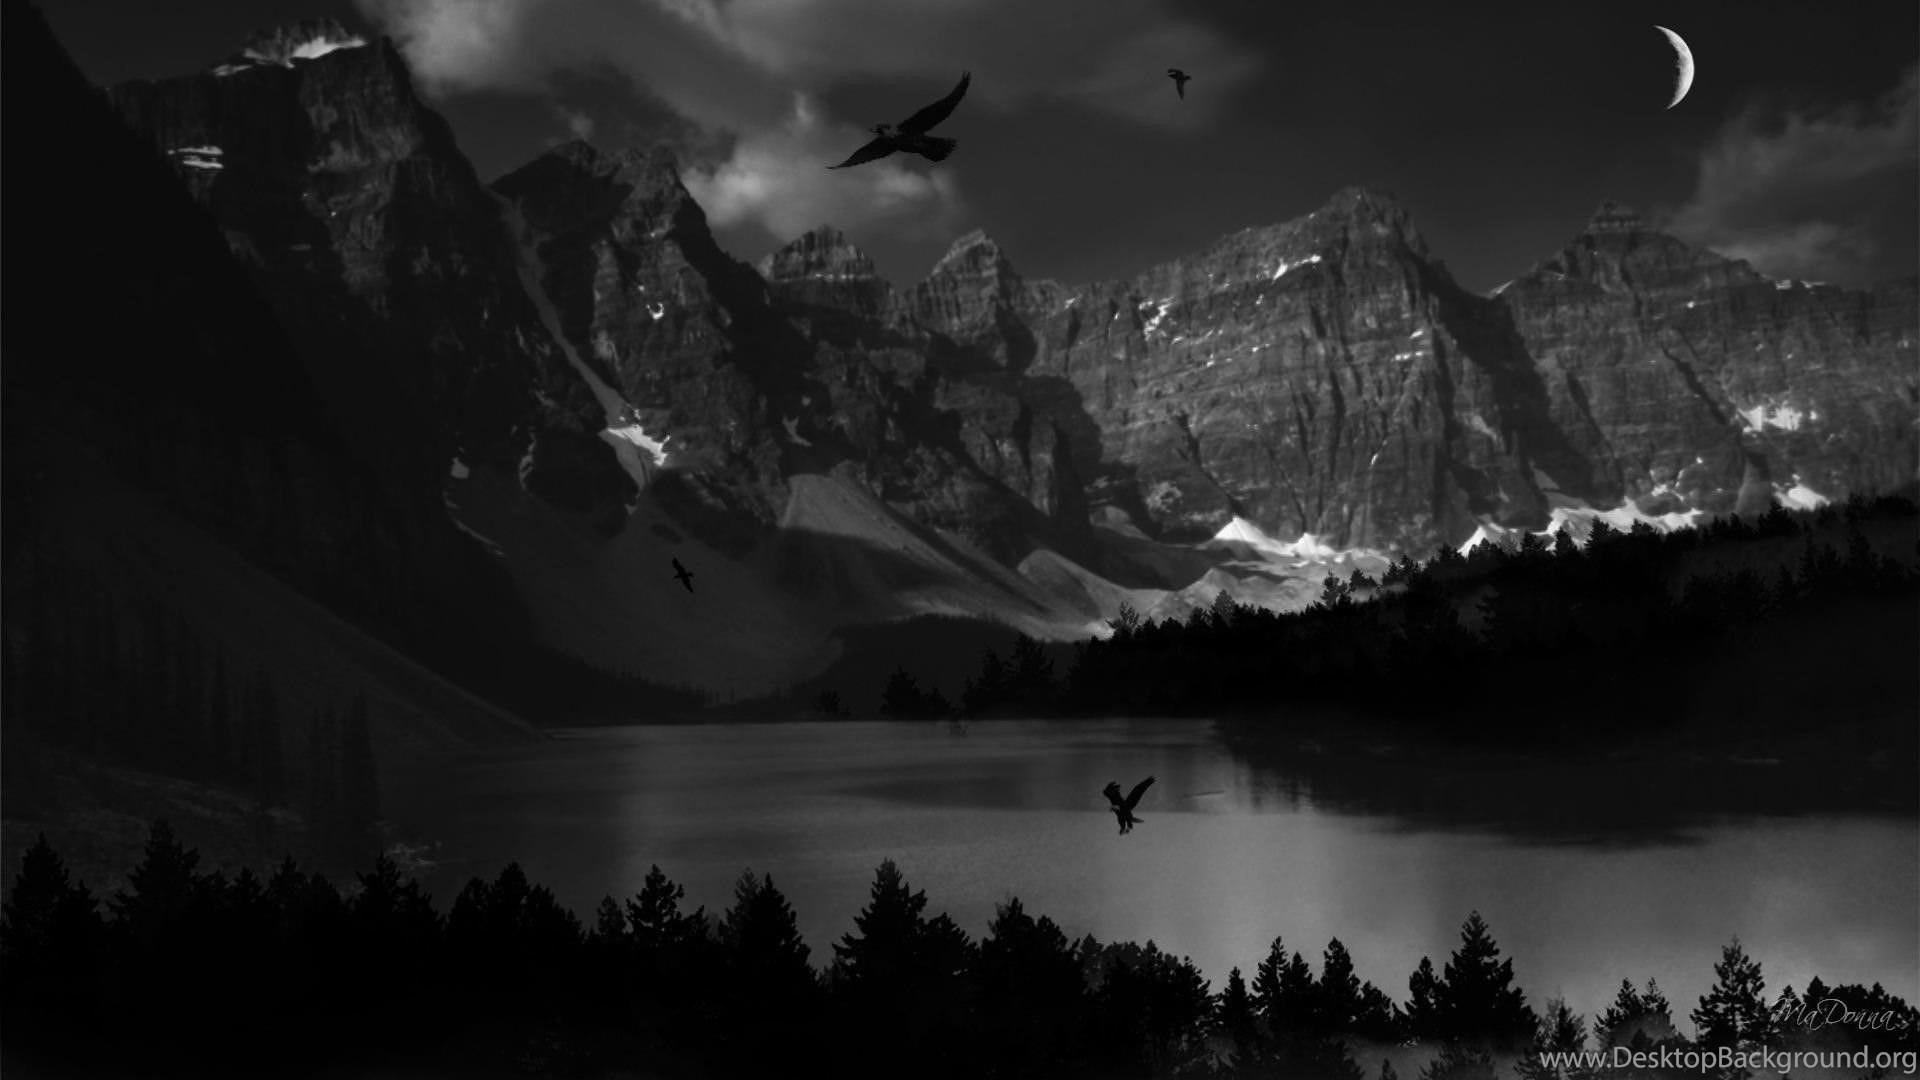 Nature Hd Wallpapers 1080p Dark Desktop Background